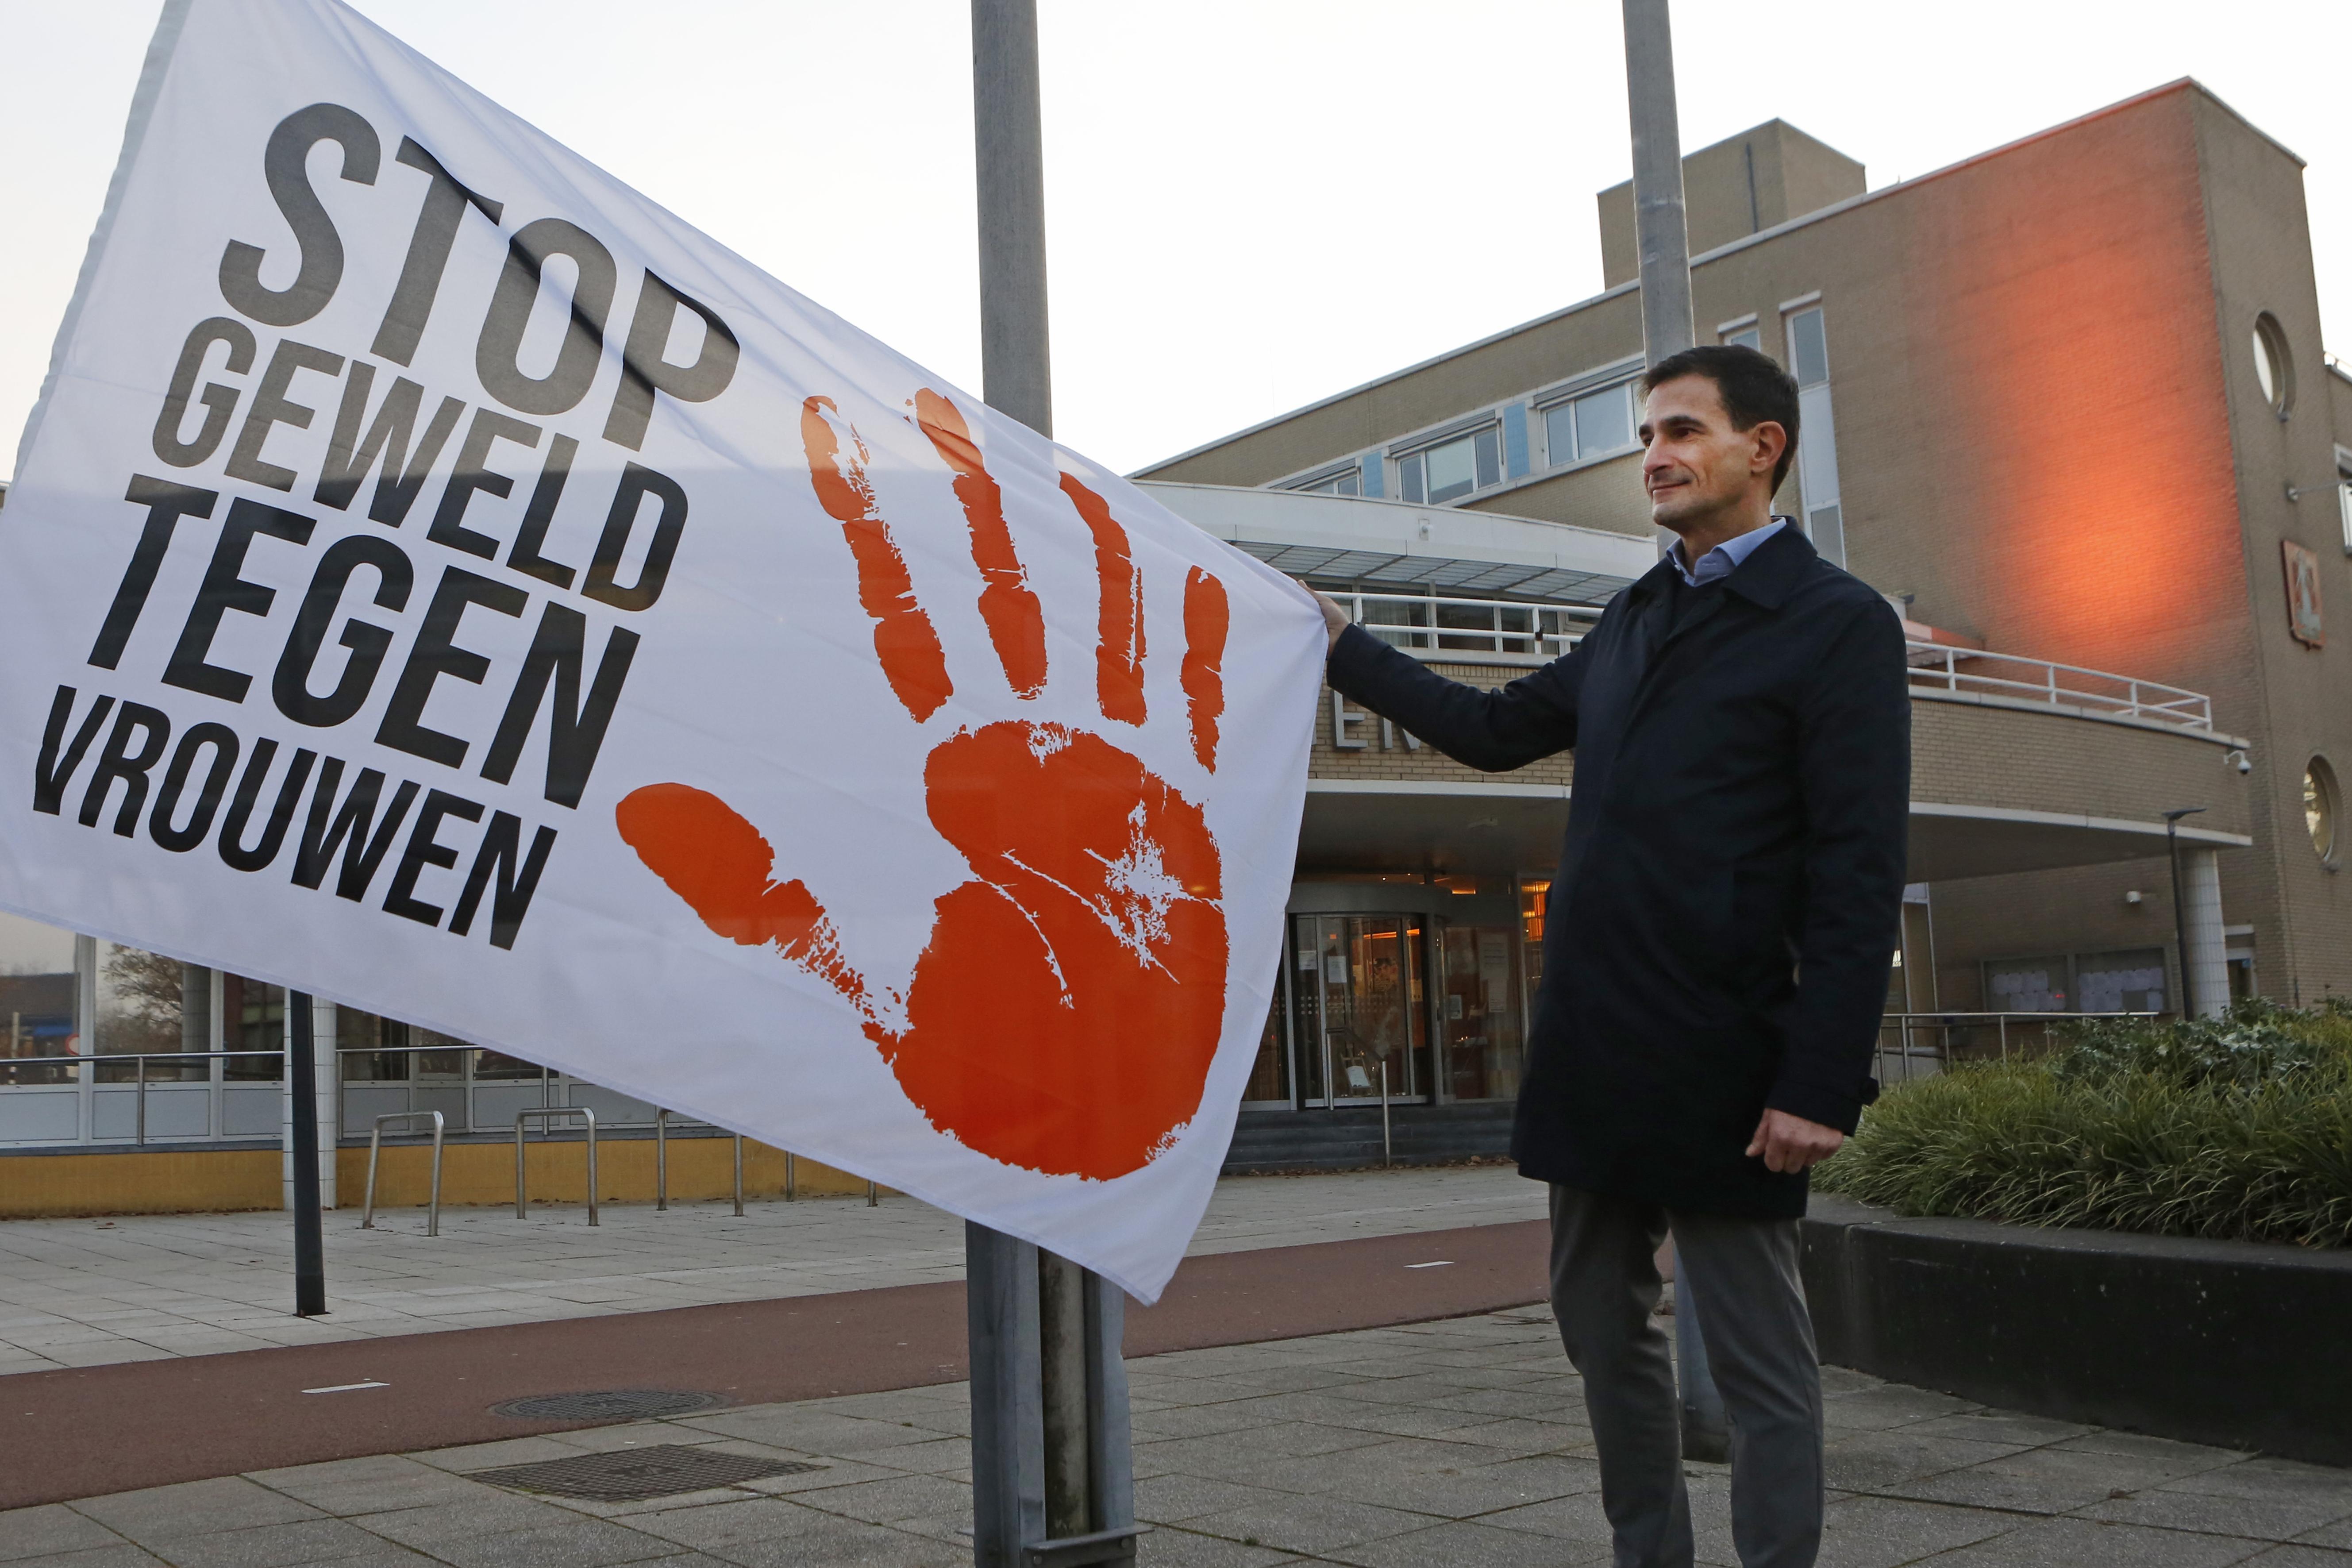 Stop geweld tegen vrouwen; Met het hijsen van vlaggen en het oranje kleuren van gebouwen start in Huizen en Hilversum de campagne OrangeTheWorld